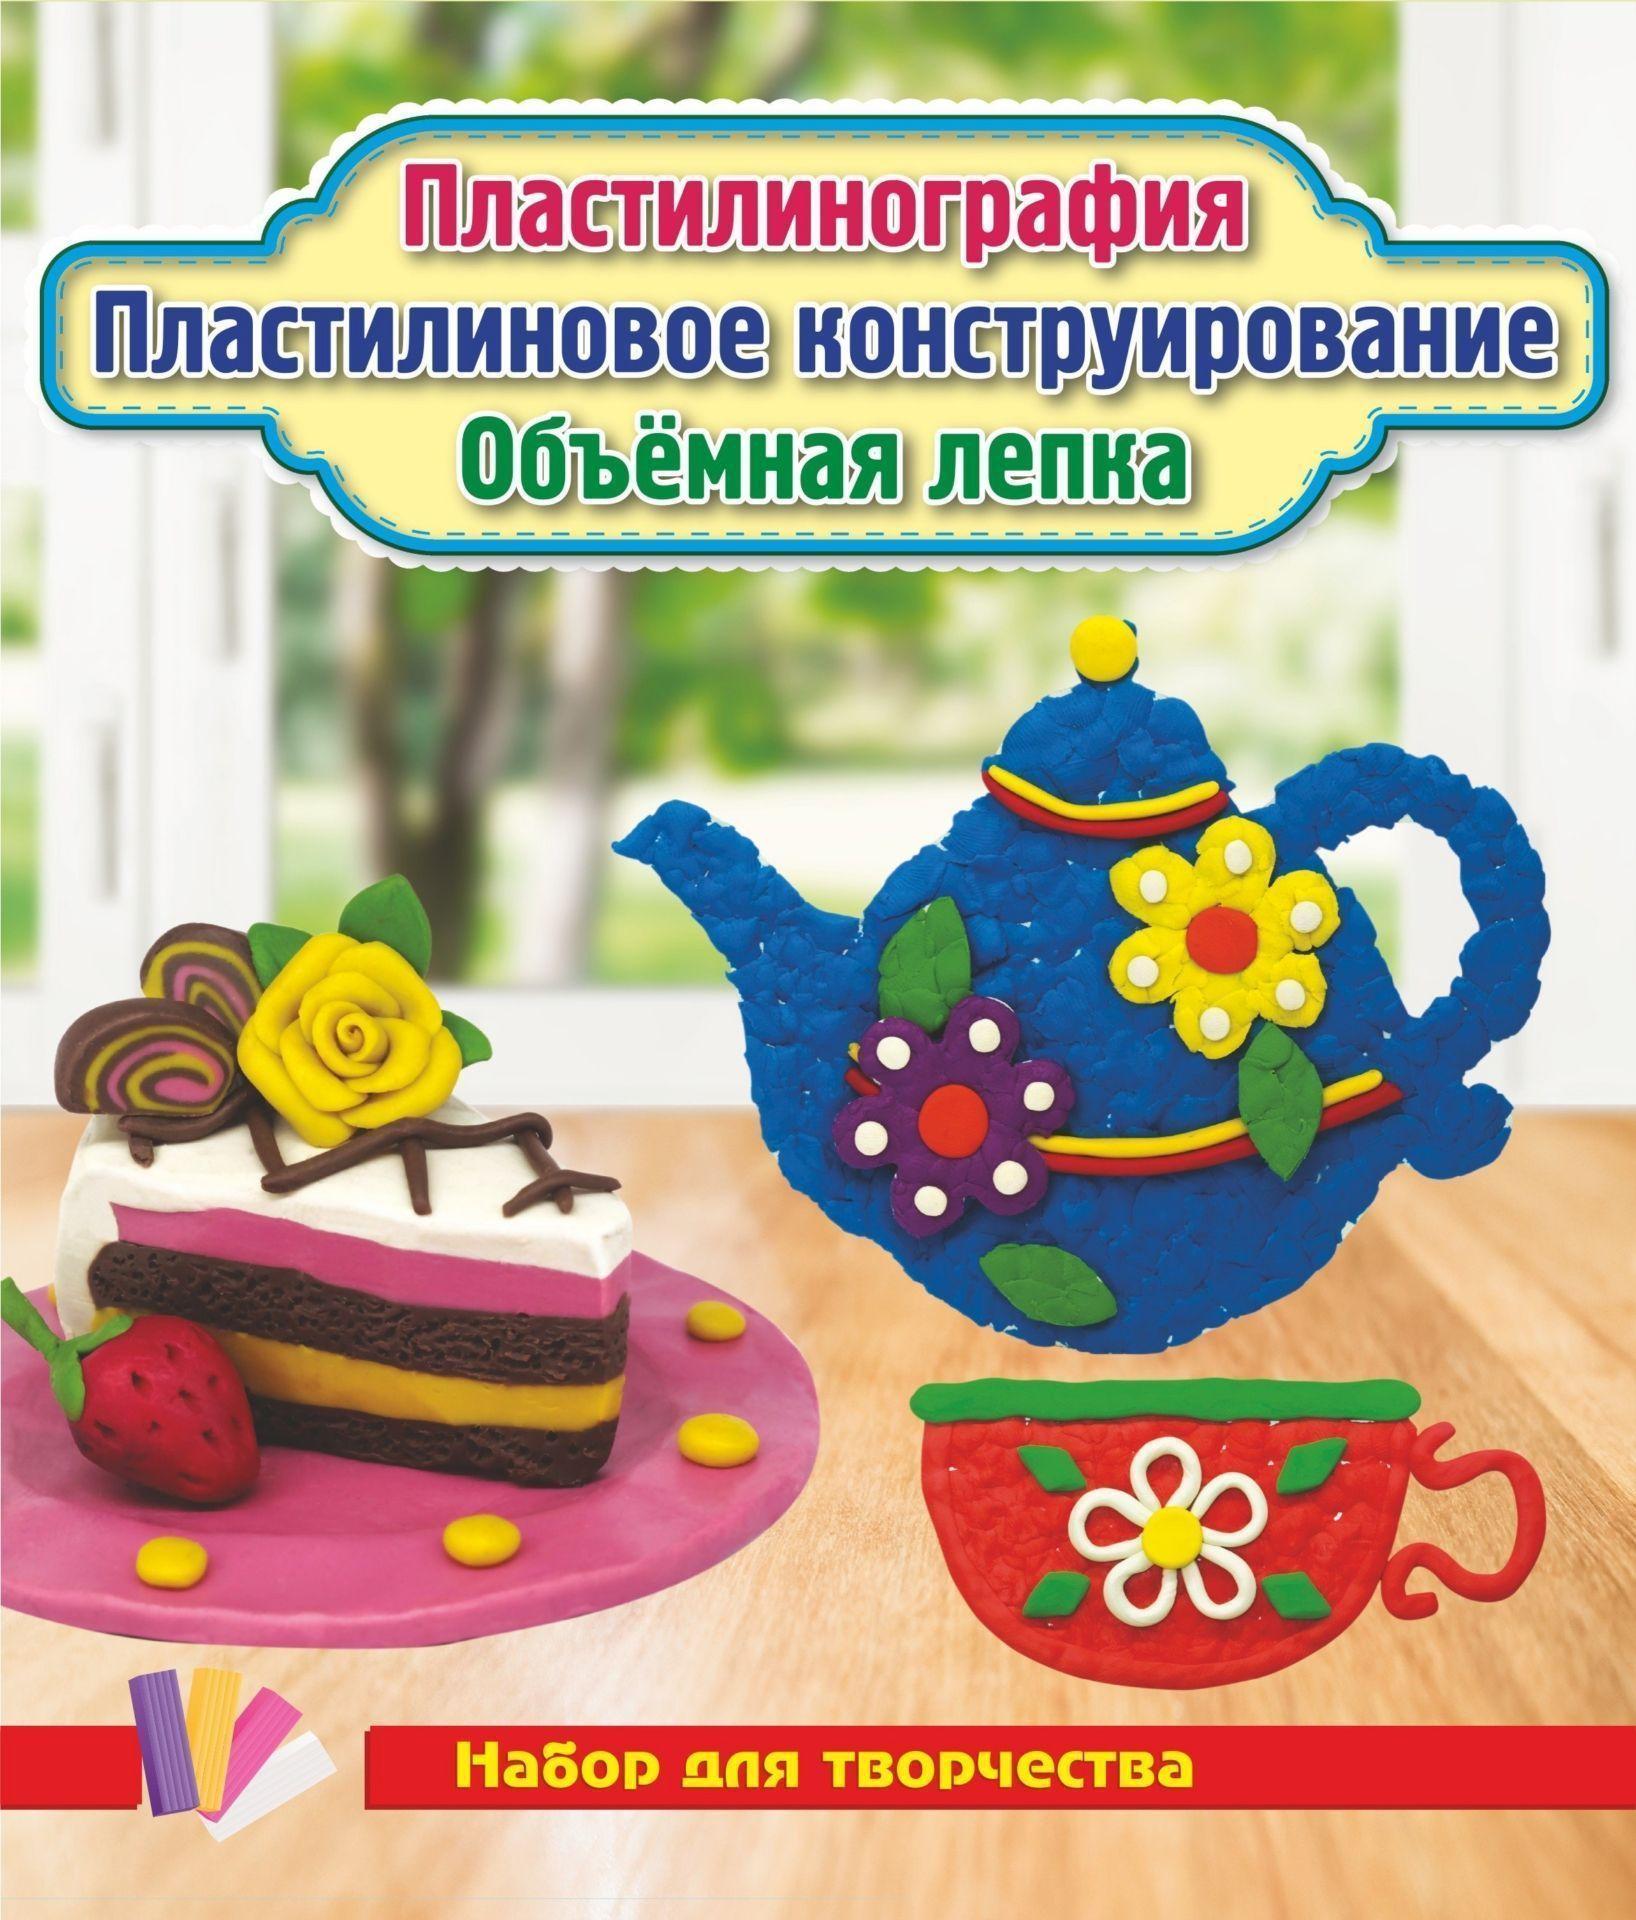 Пластилинография. Пластилиновое конструирование. Объёмная лепка. Чашка, чайник, пирожное на блюдце: набор в коробочке содержит 3 цветных карточки, 2 карточки-трафарета, брошюра, 1 стека и 12 брусков пластилинаЛепка<br>Набор Чашка, чайник, пирожное на блюдце в увлекательной игровой форме познакомит детей с тремя разными технологиями лепки: пластилинографией, объемной лепкой и комбинированной пластилинографией с элементами конструирования. Поэтапно и увлекательно орган...<br><br>Год: 2018<br>Серия: Набор для творчества<br>Высота: 230<br>Ширина: 200<br>Толщина: 40<br>Переплёт: набор